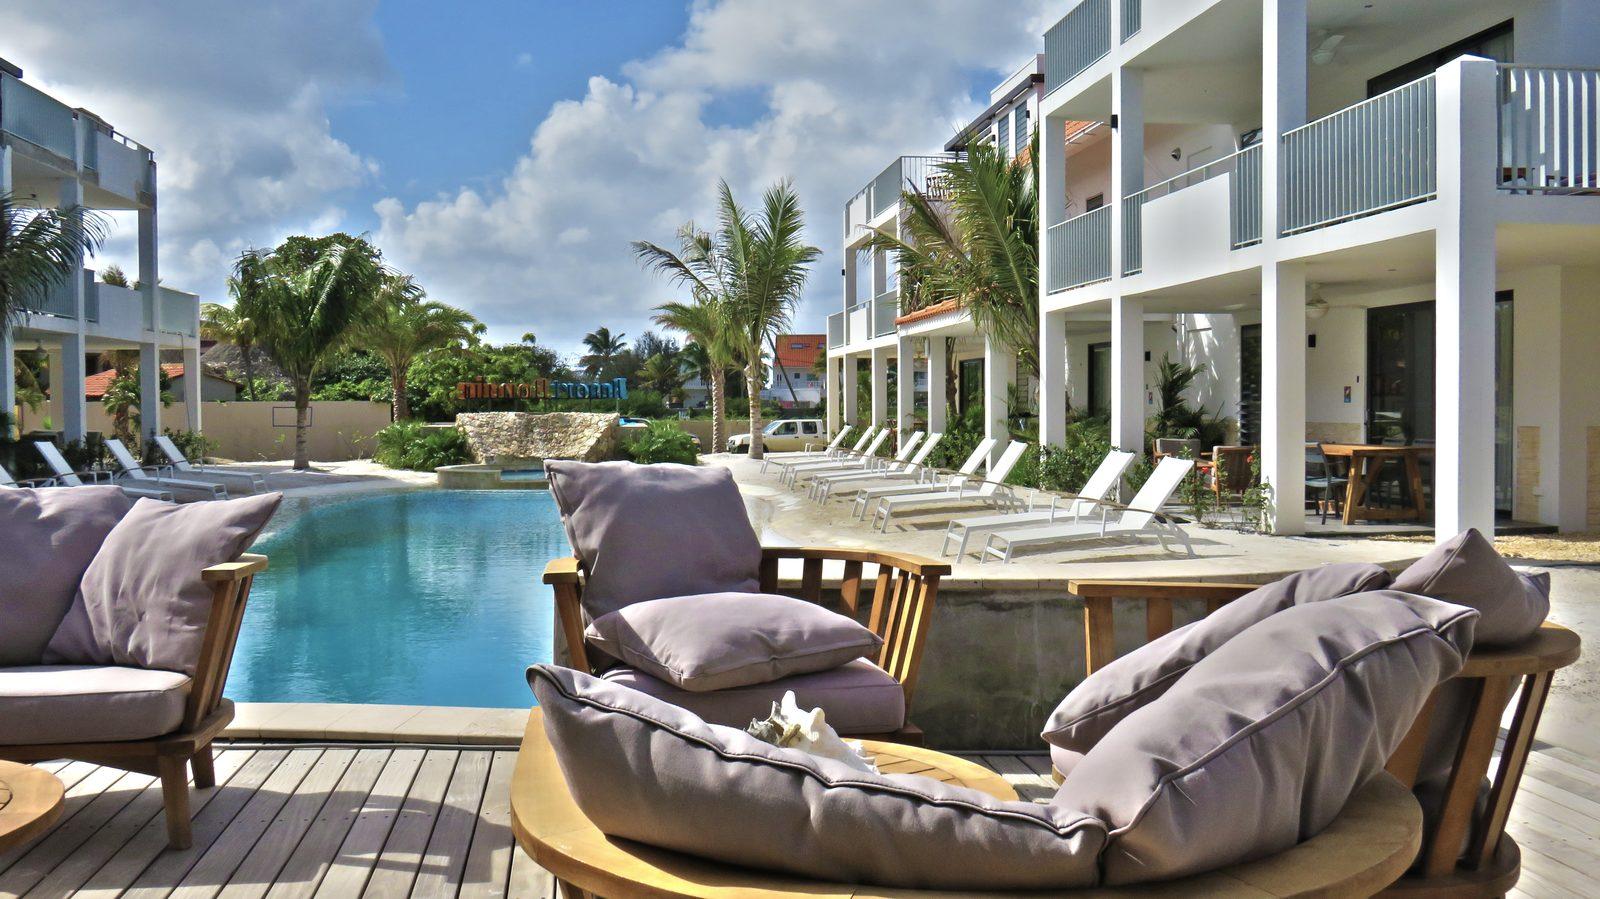 Resort Bonaire permet à ses clients de tous âges de profiter de cette magnifique île. Consultez nos photos et réservez votre séjour à Bonaire!